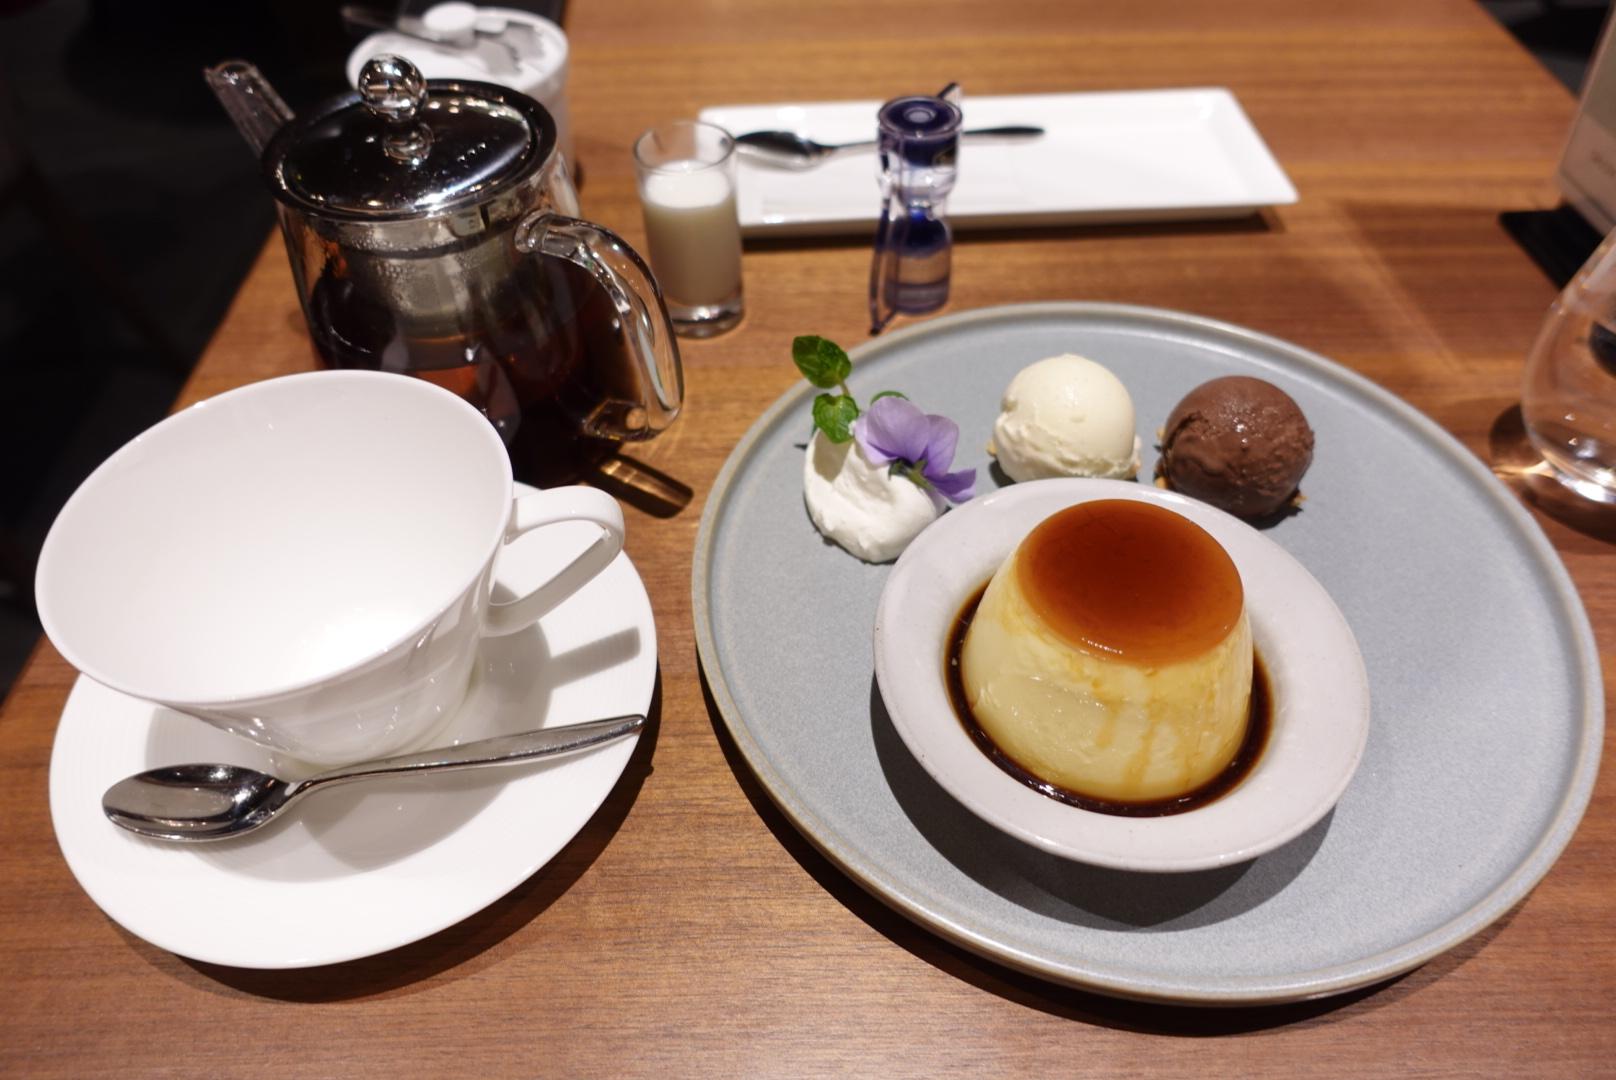 【神戸・三宮】モロゾフ神戸本店のカフェでお茶!定番のプリンにジェラートが美味★お手頃なのも◎_2